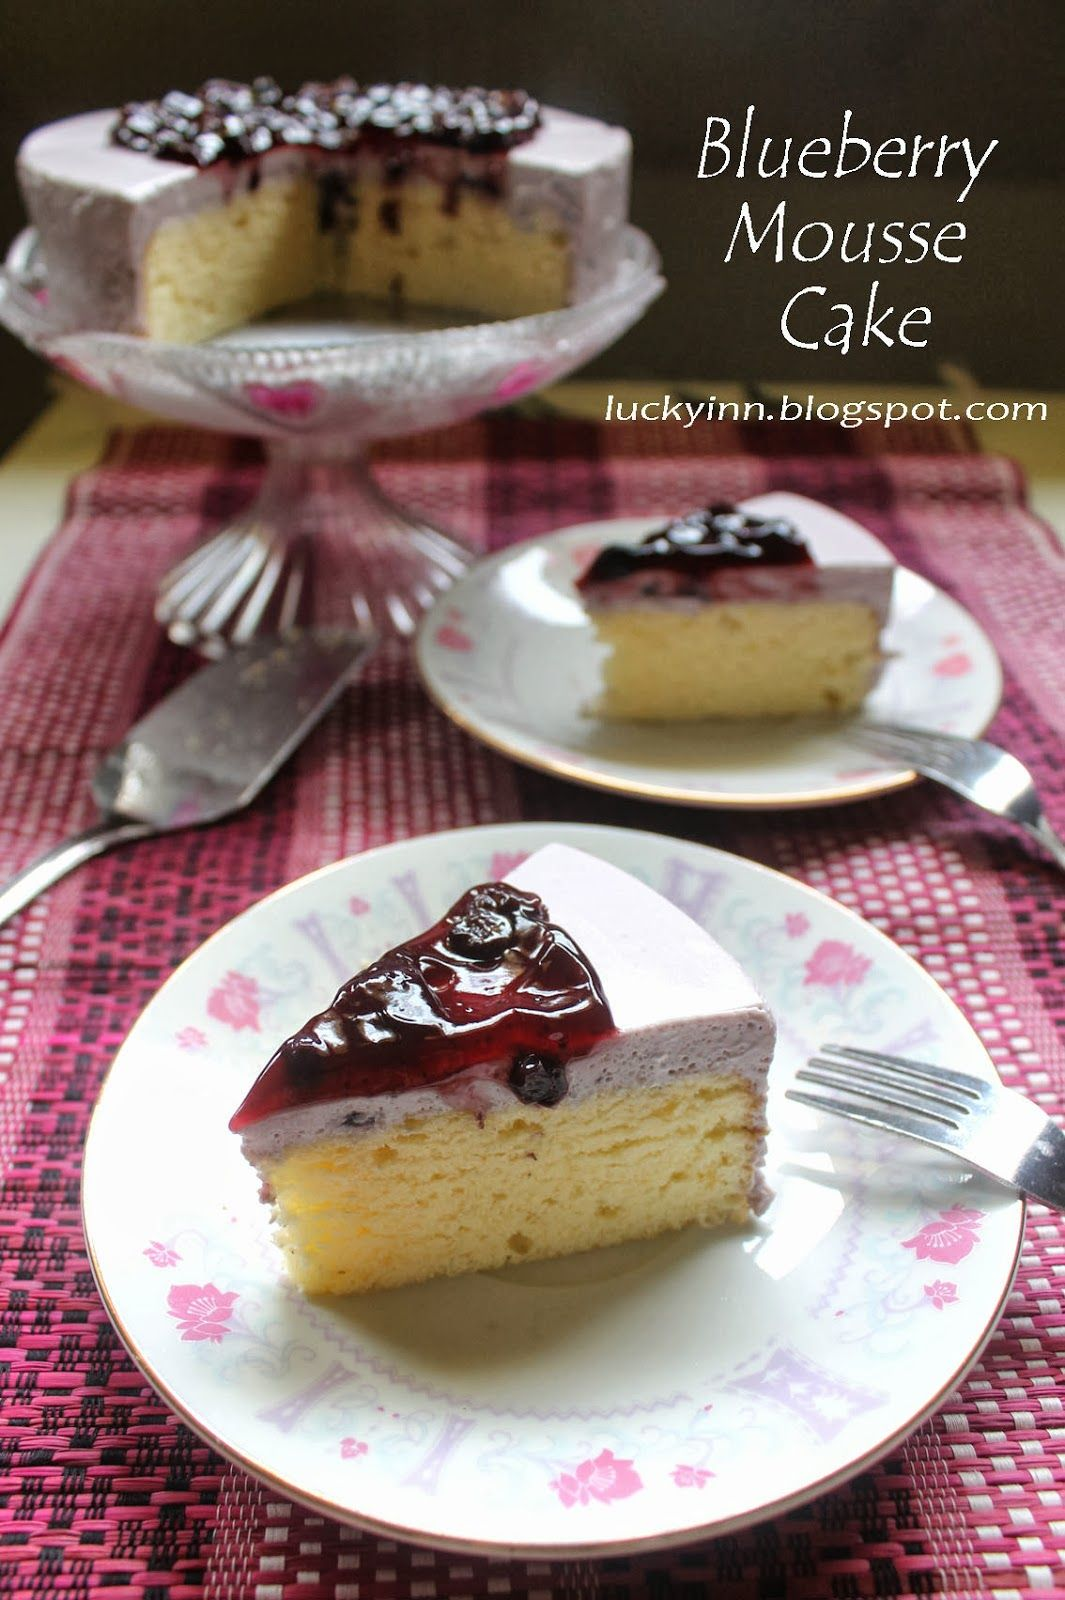 蓝莓慕斯蛋糕 Blueberry Mousse Cake Mousse cake, Desserts, Cake